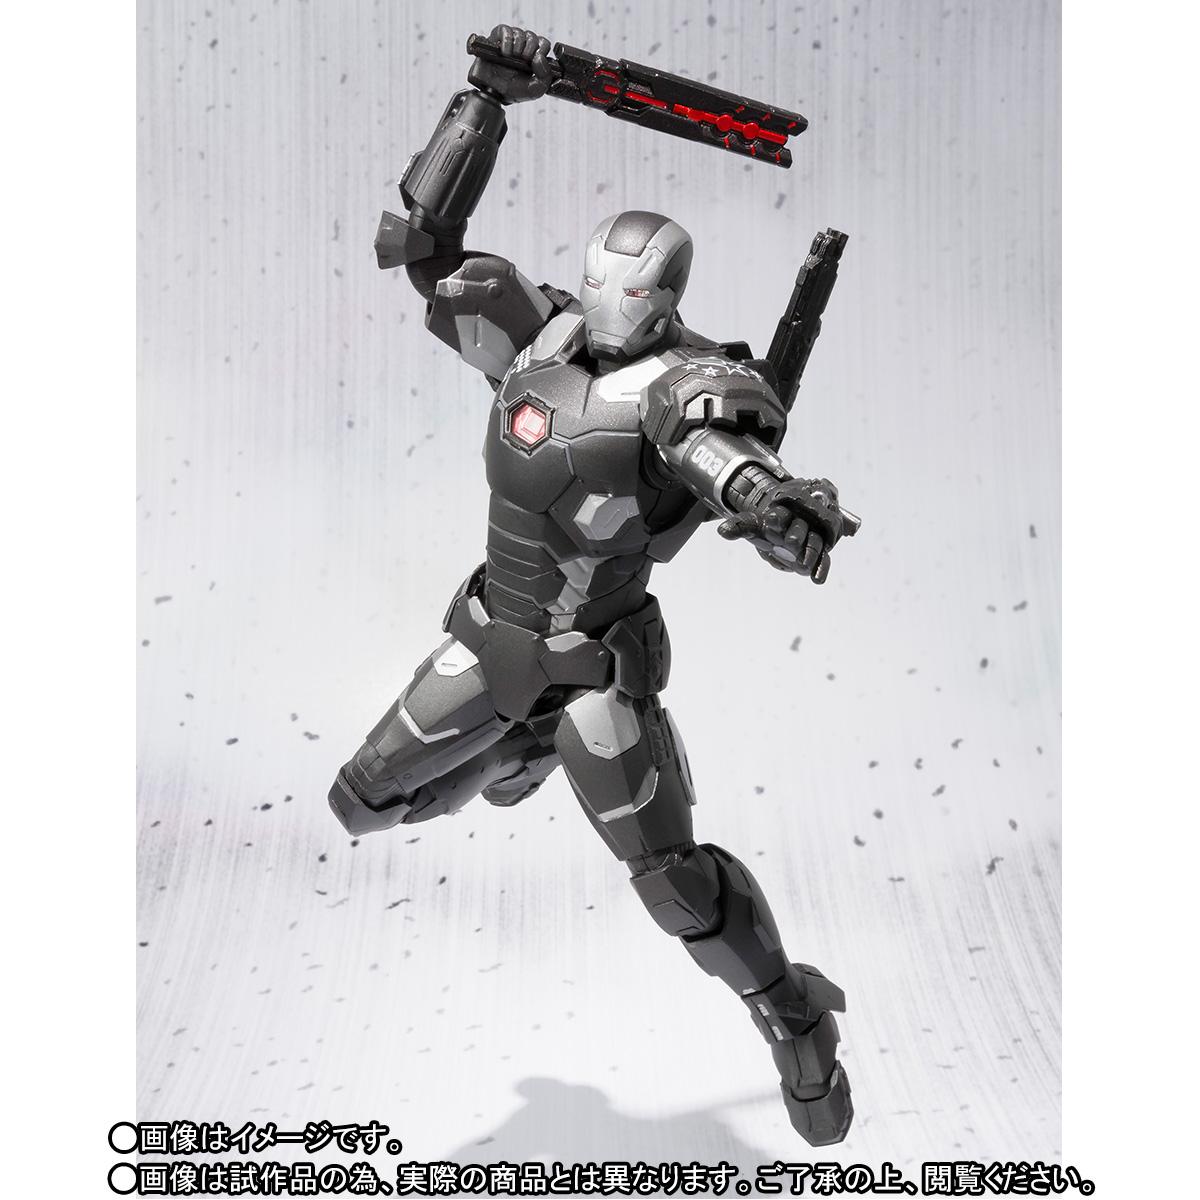 [Comentários] Marvel S.H.Figuarts - Página 2 4jUIDT2p